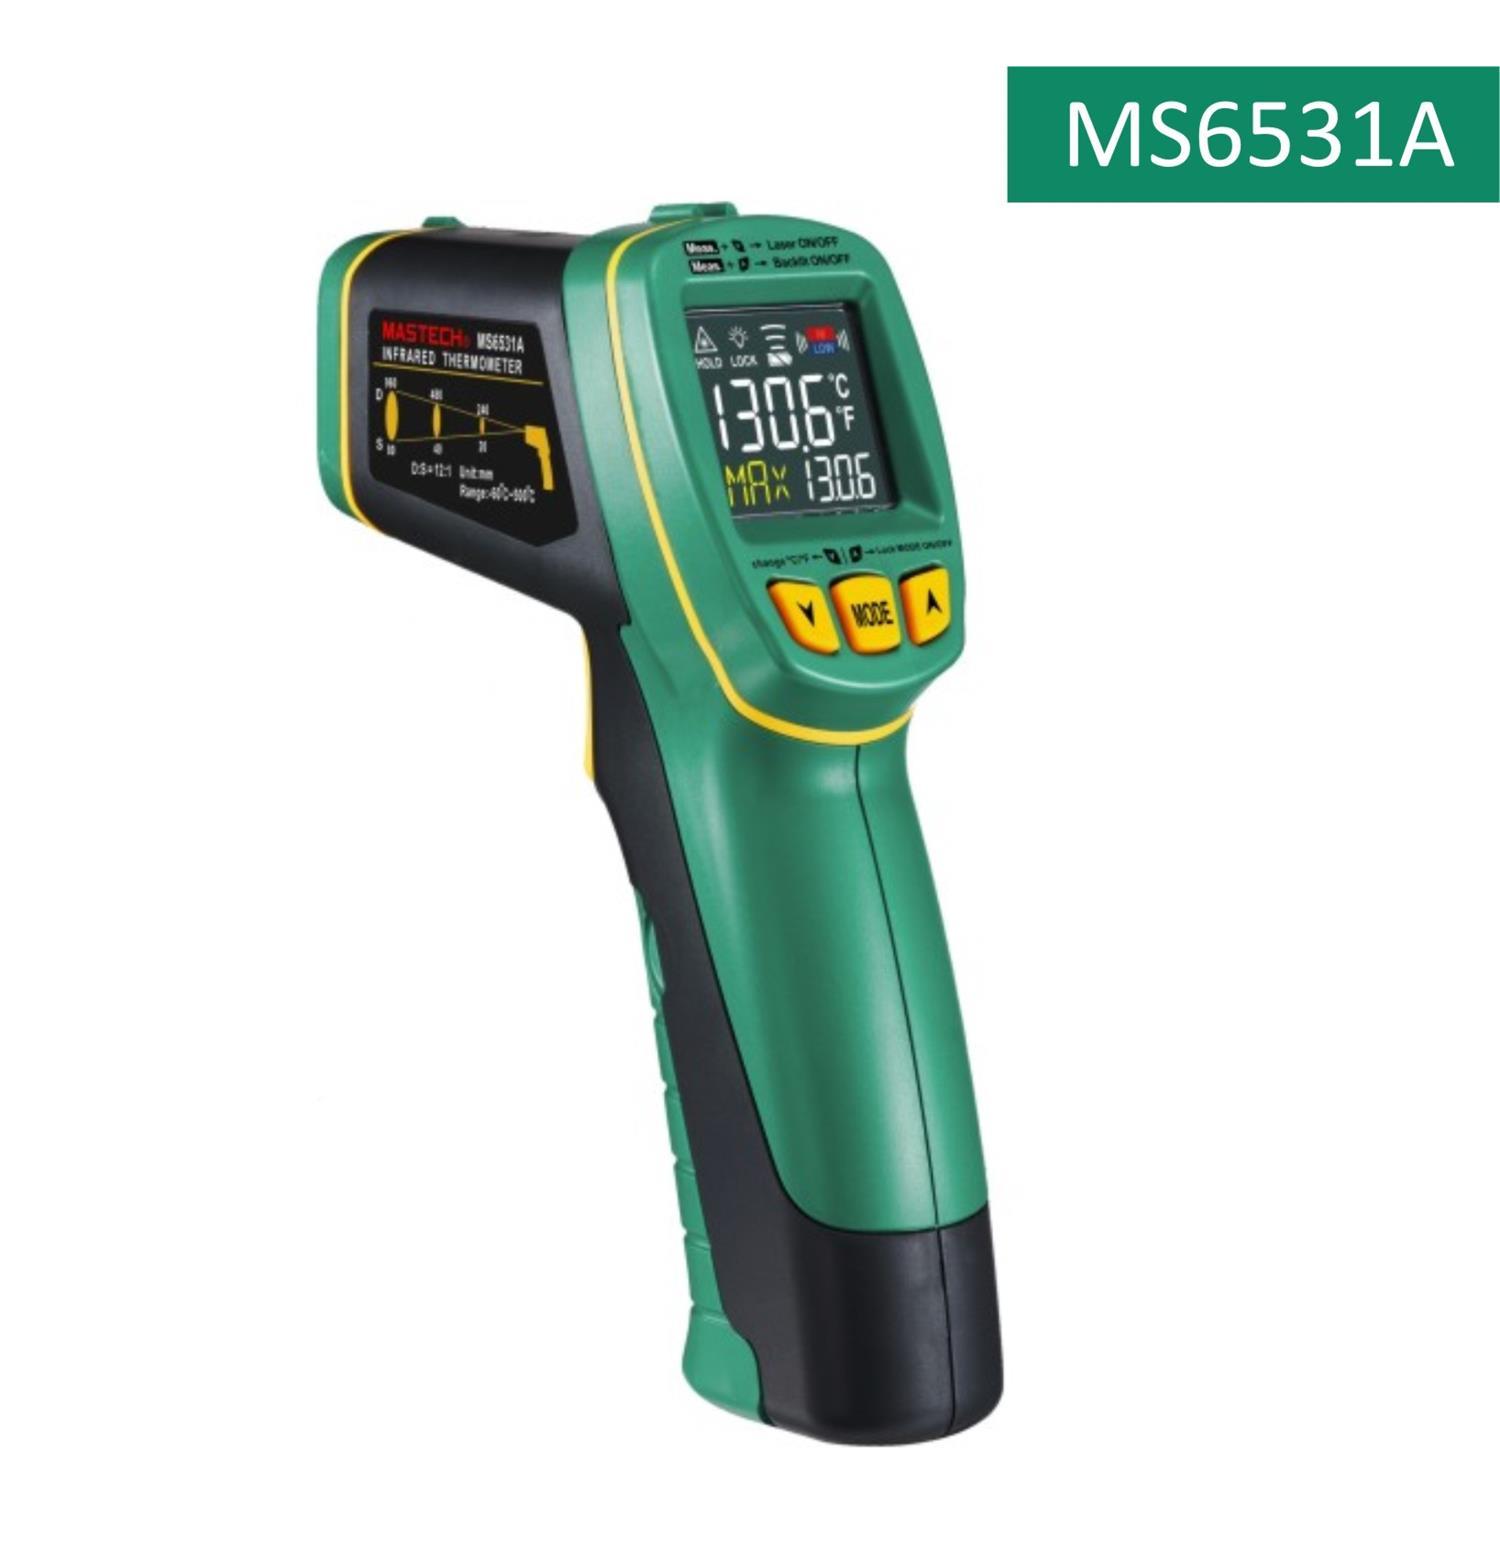 MS6531A